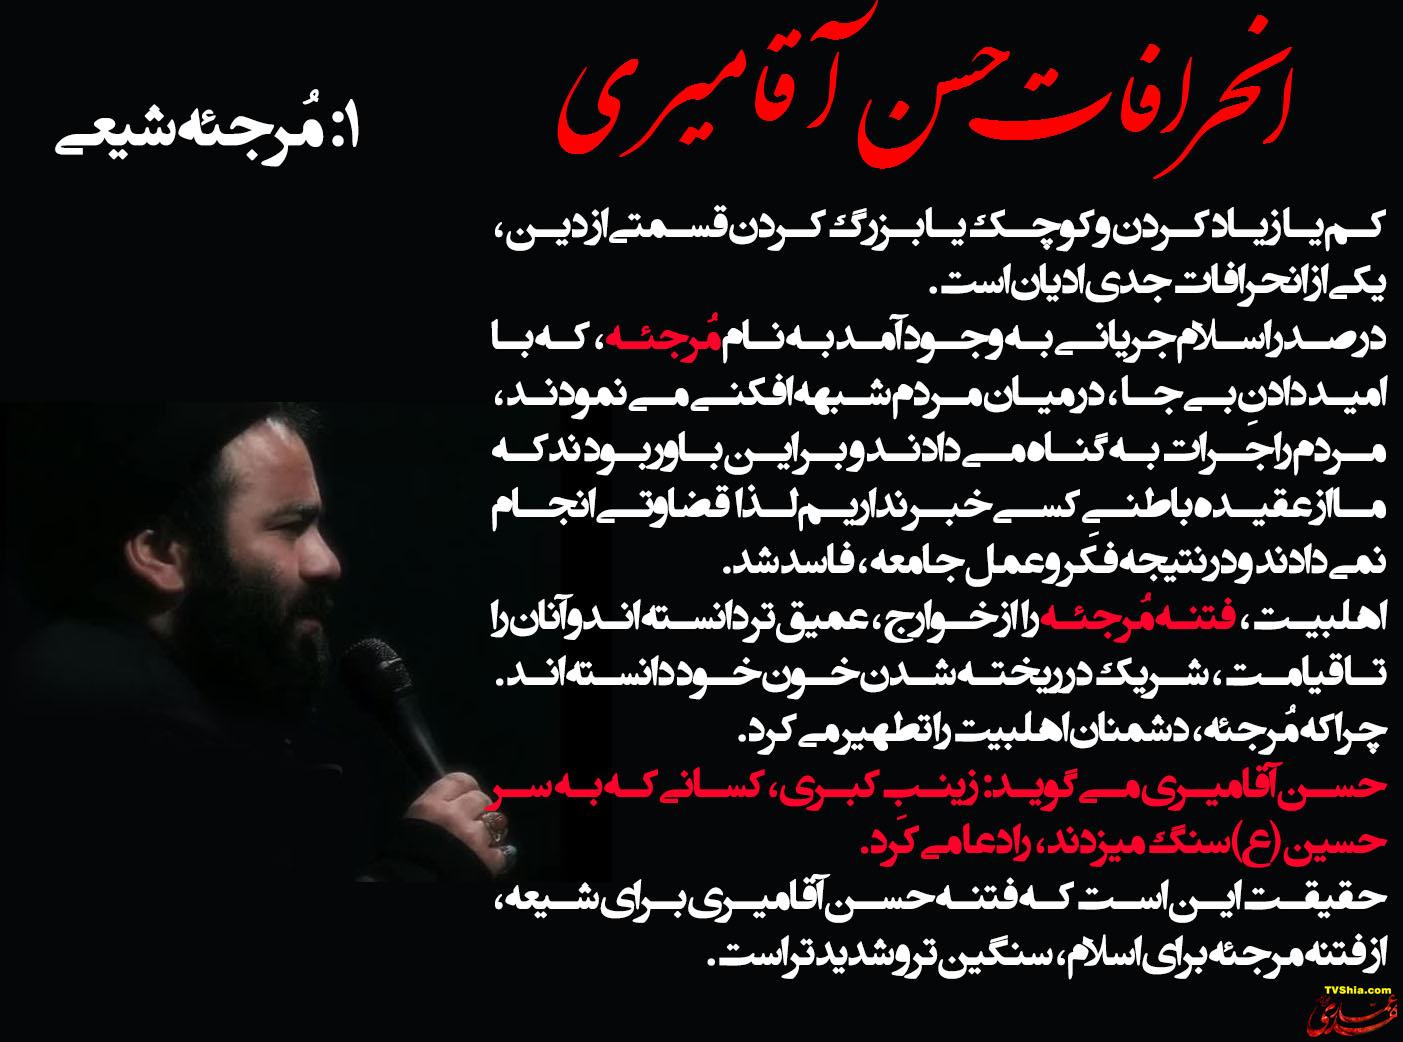 انحرافات حسن آقامیری / مرجئه شیعی